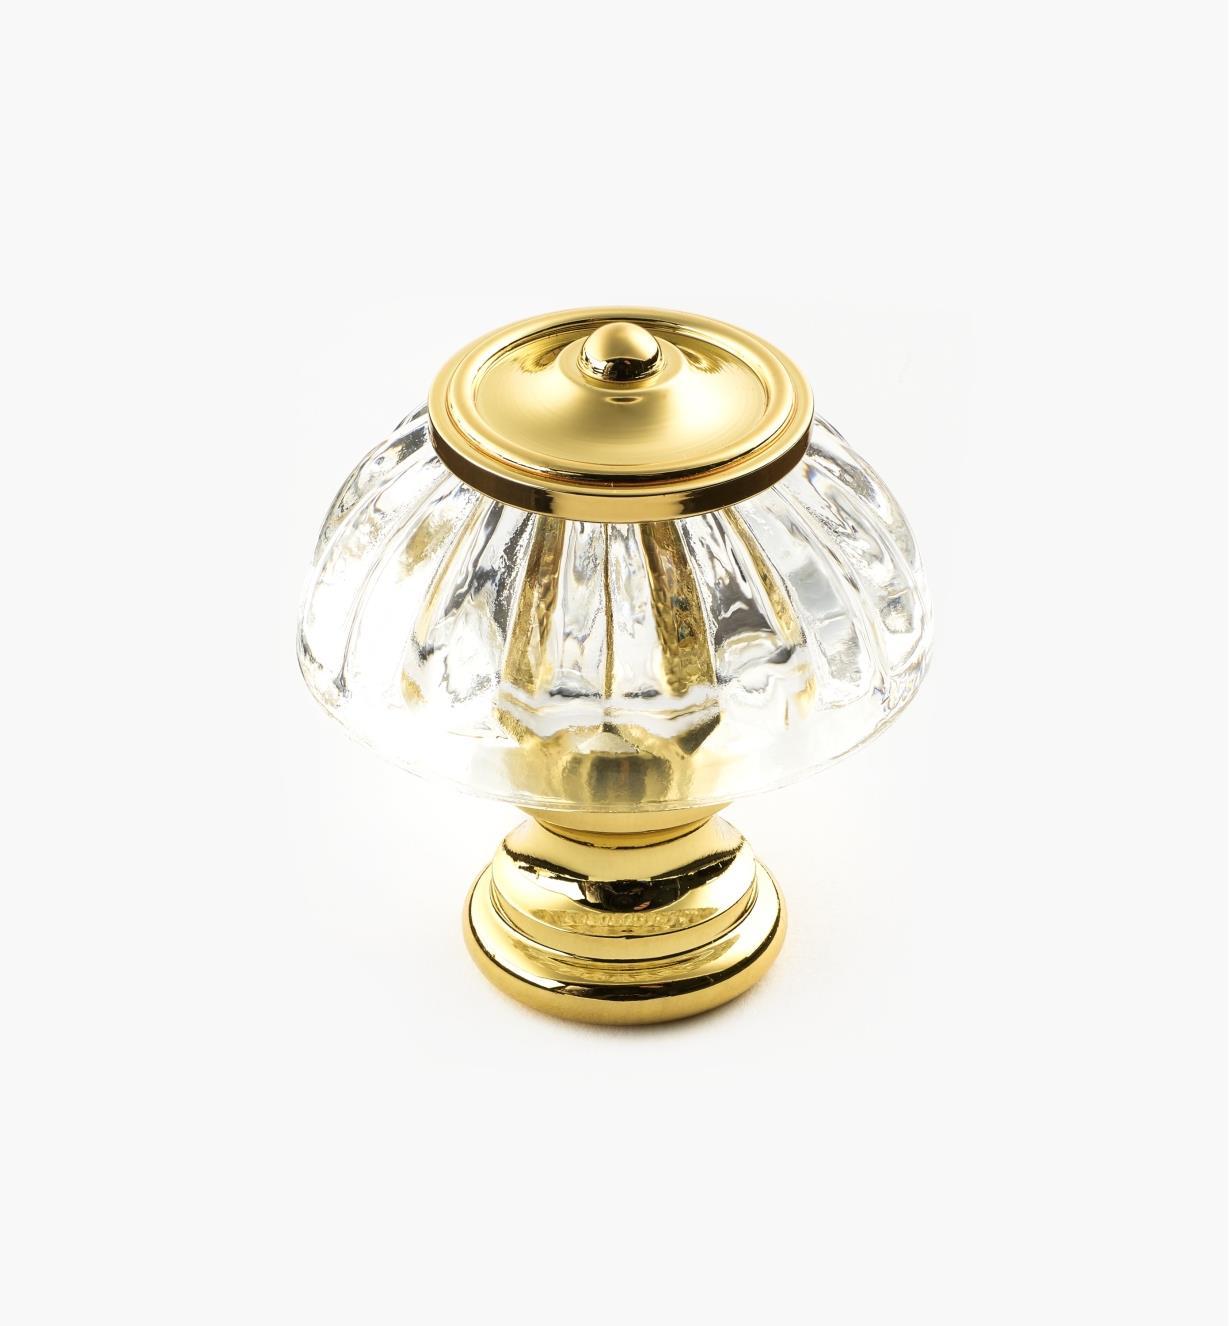 01W2620 - Glass Knob, Pol. Brass